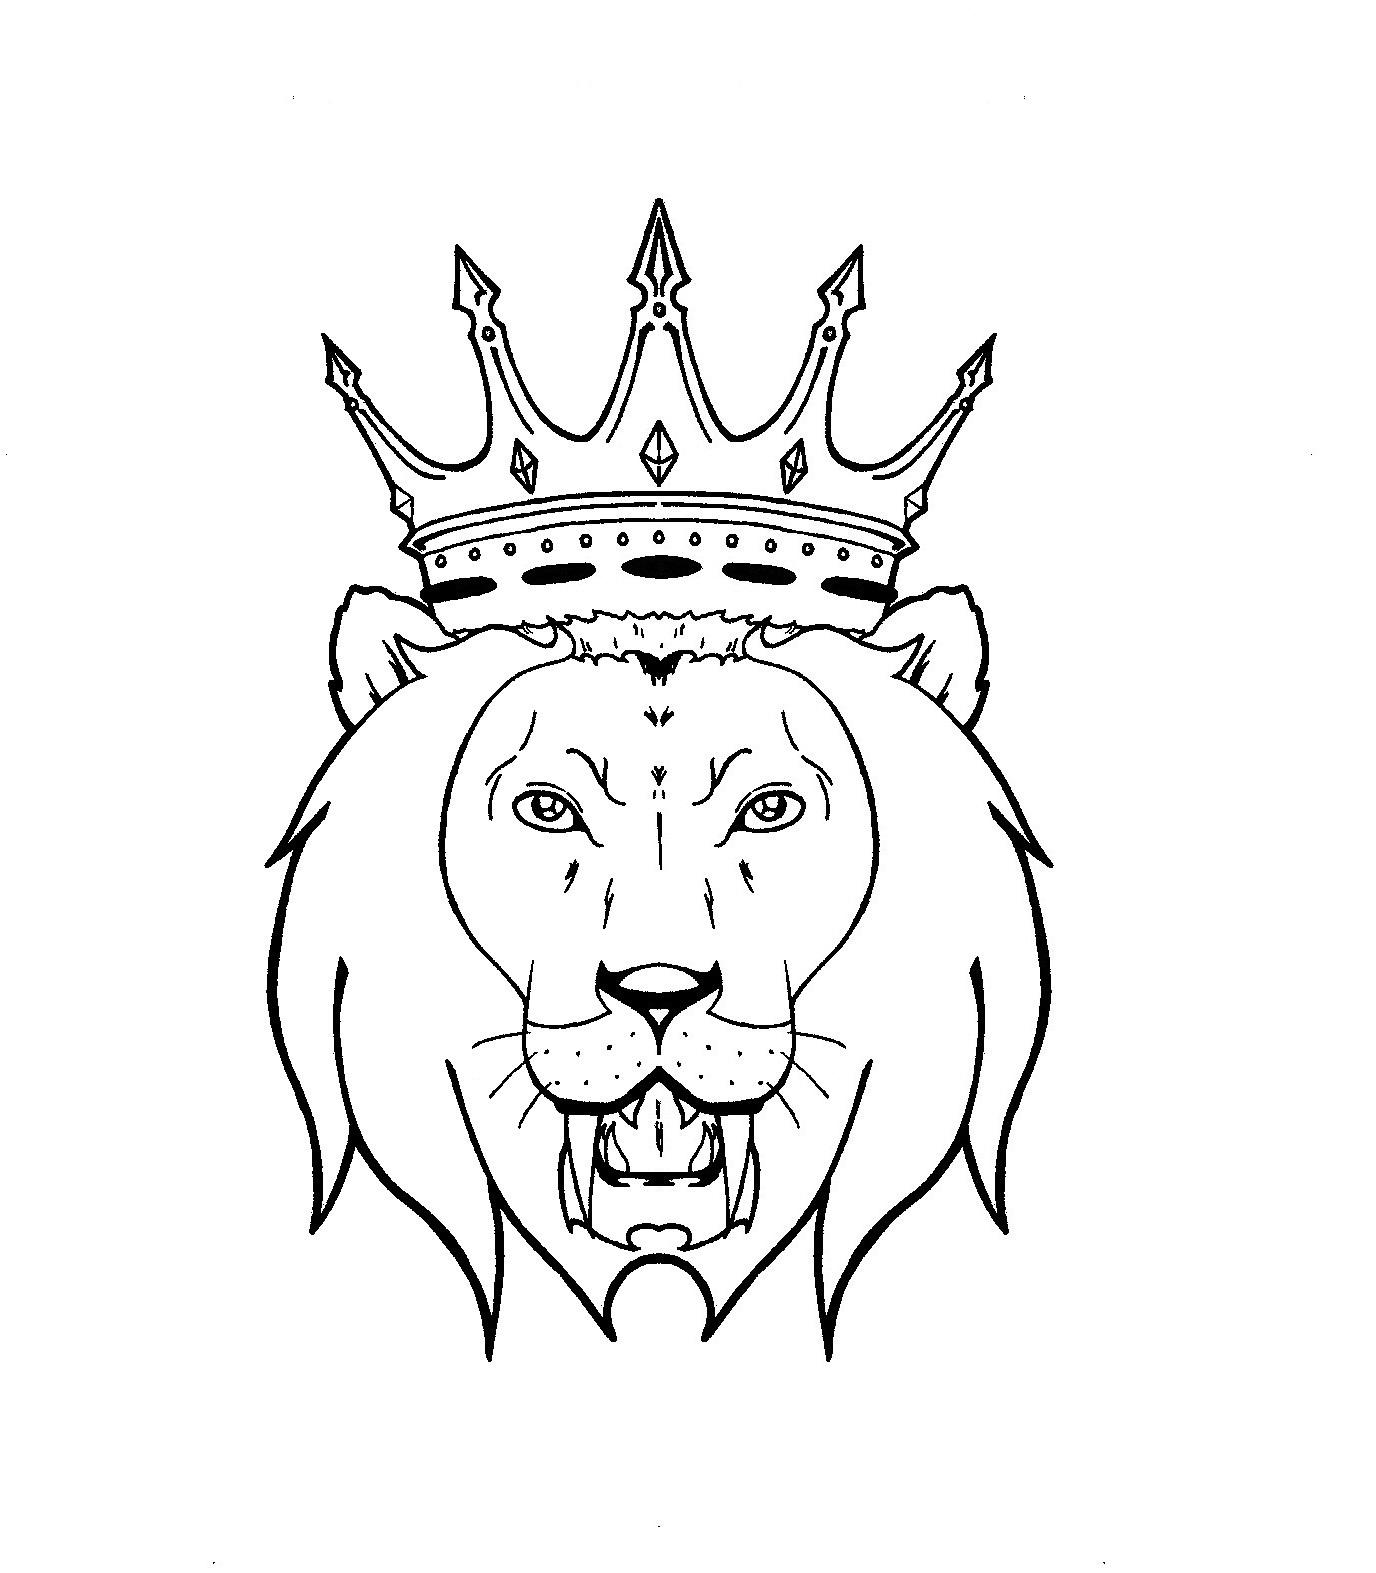 1376x1573 Drawn Crown Tribal King